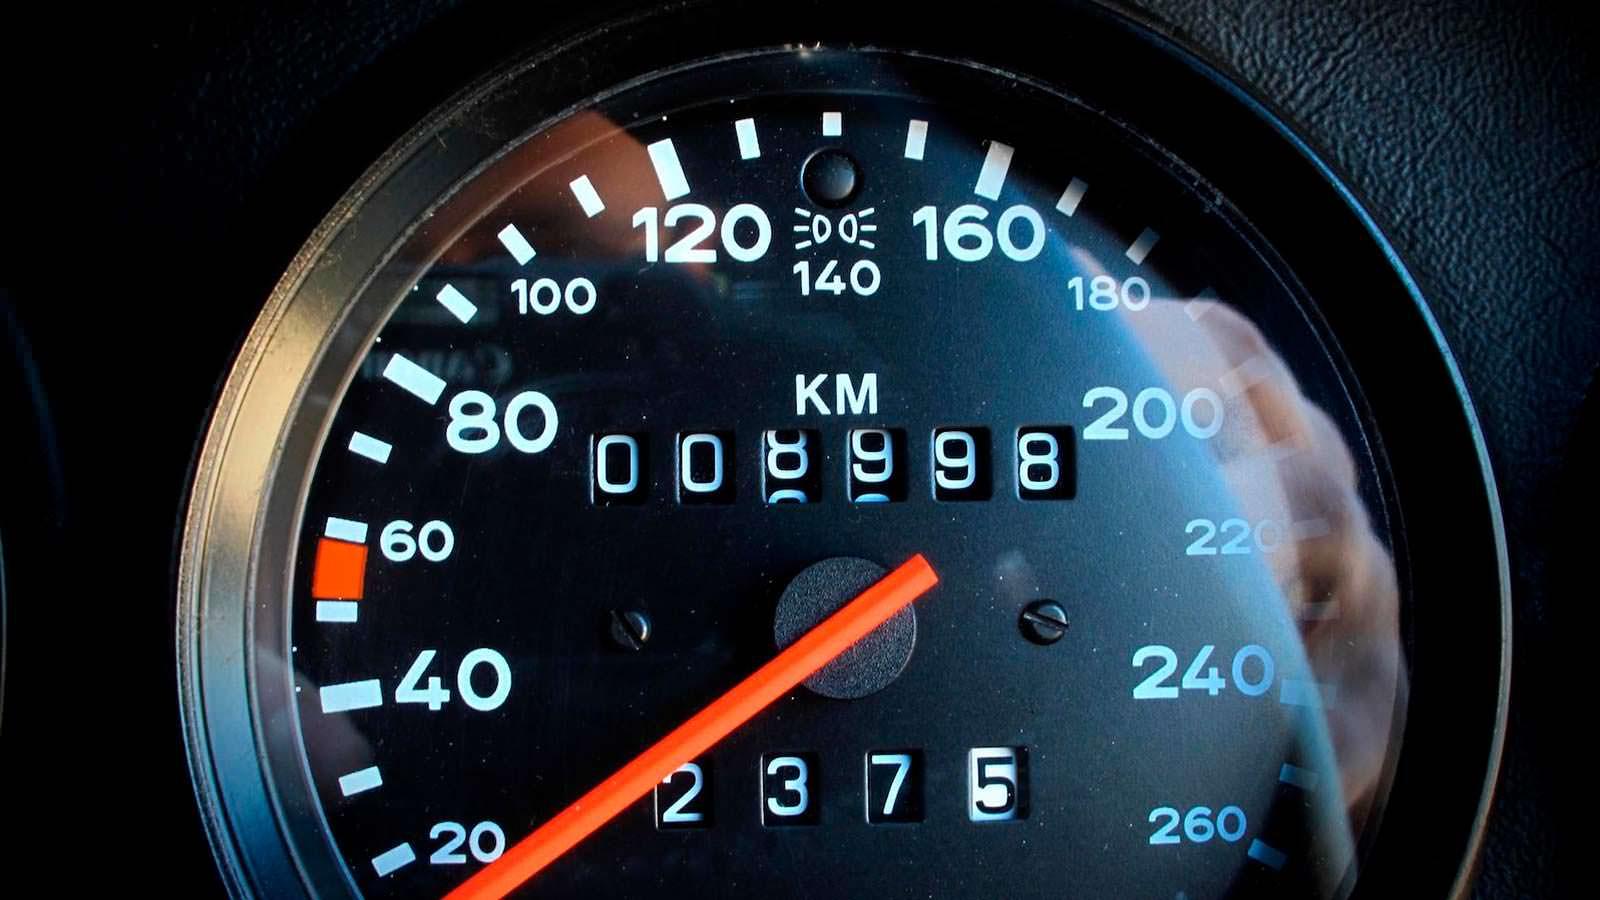 Фото | Спидометр Porsche 911 Speedster с пробегом 8998 км